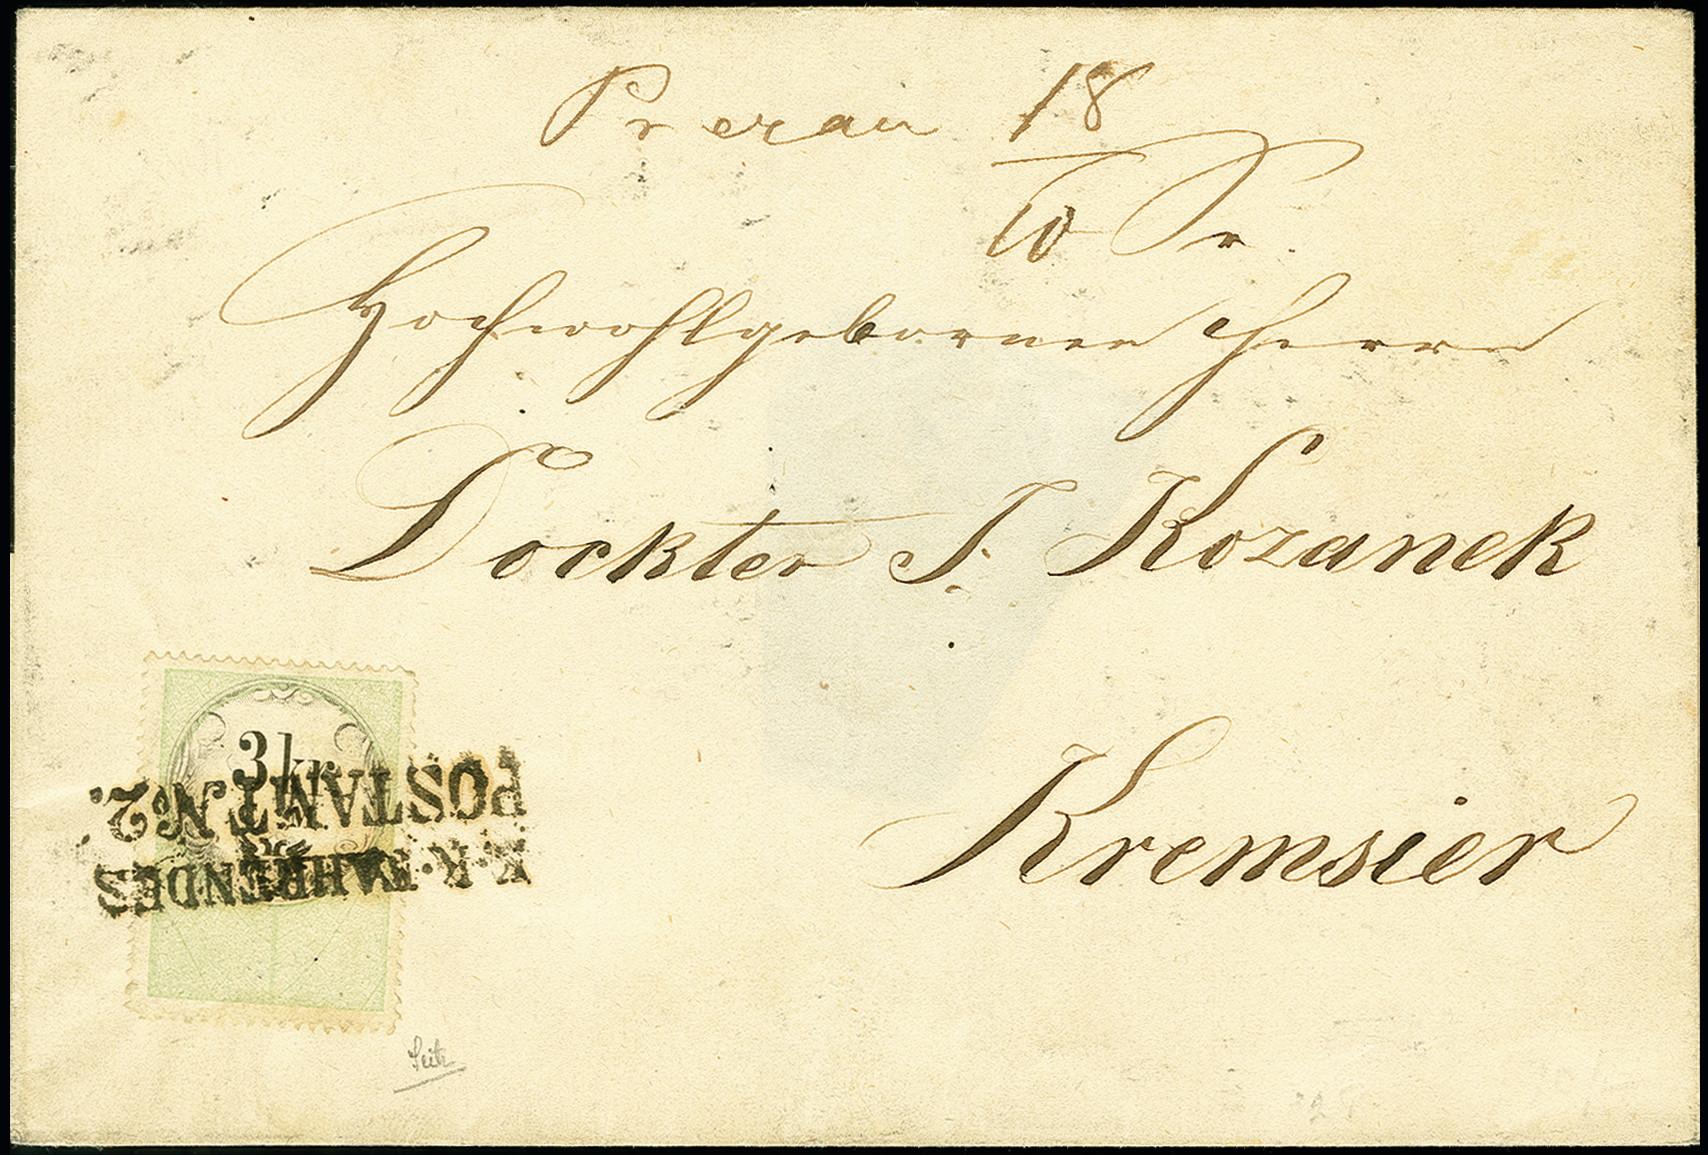 Lot 1088 - österreich Austria postal fiscal stamps -  Heinrich Koehler Auktionen 375rd Heinrich Köhler auction - Day 1